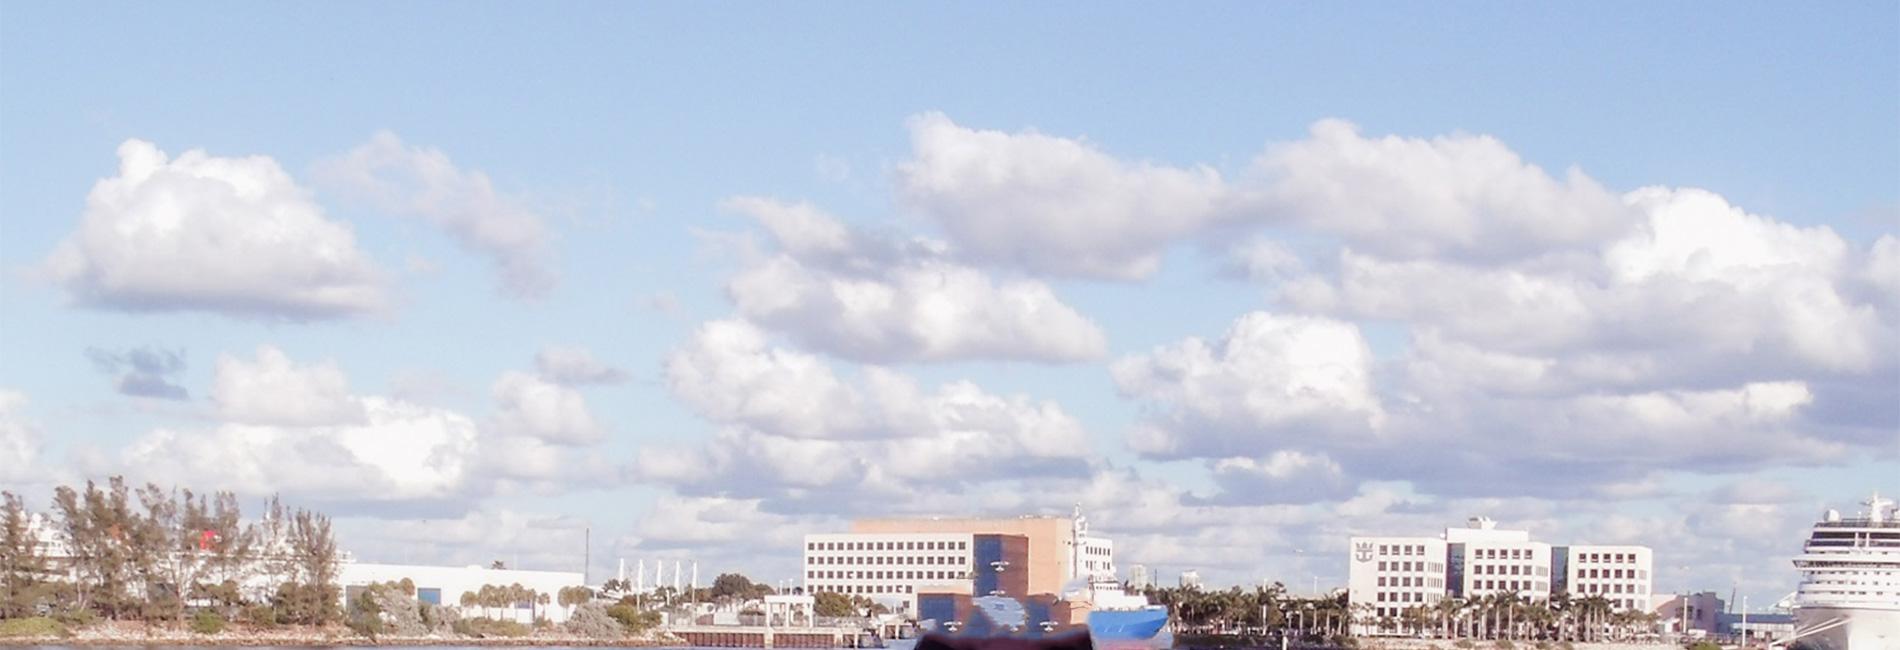 Reflexiones: la embajada de EE.UU. pieza clave de un viaje